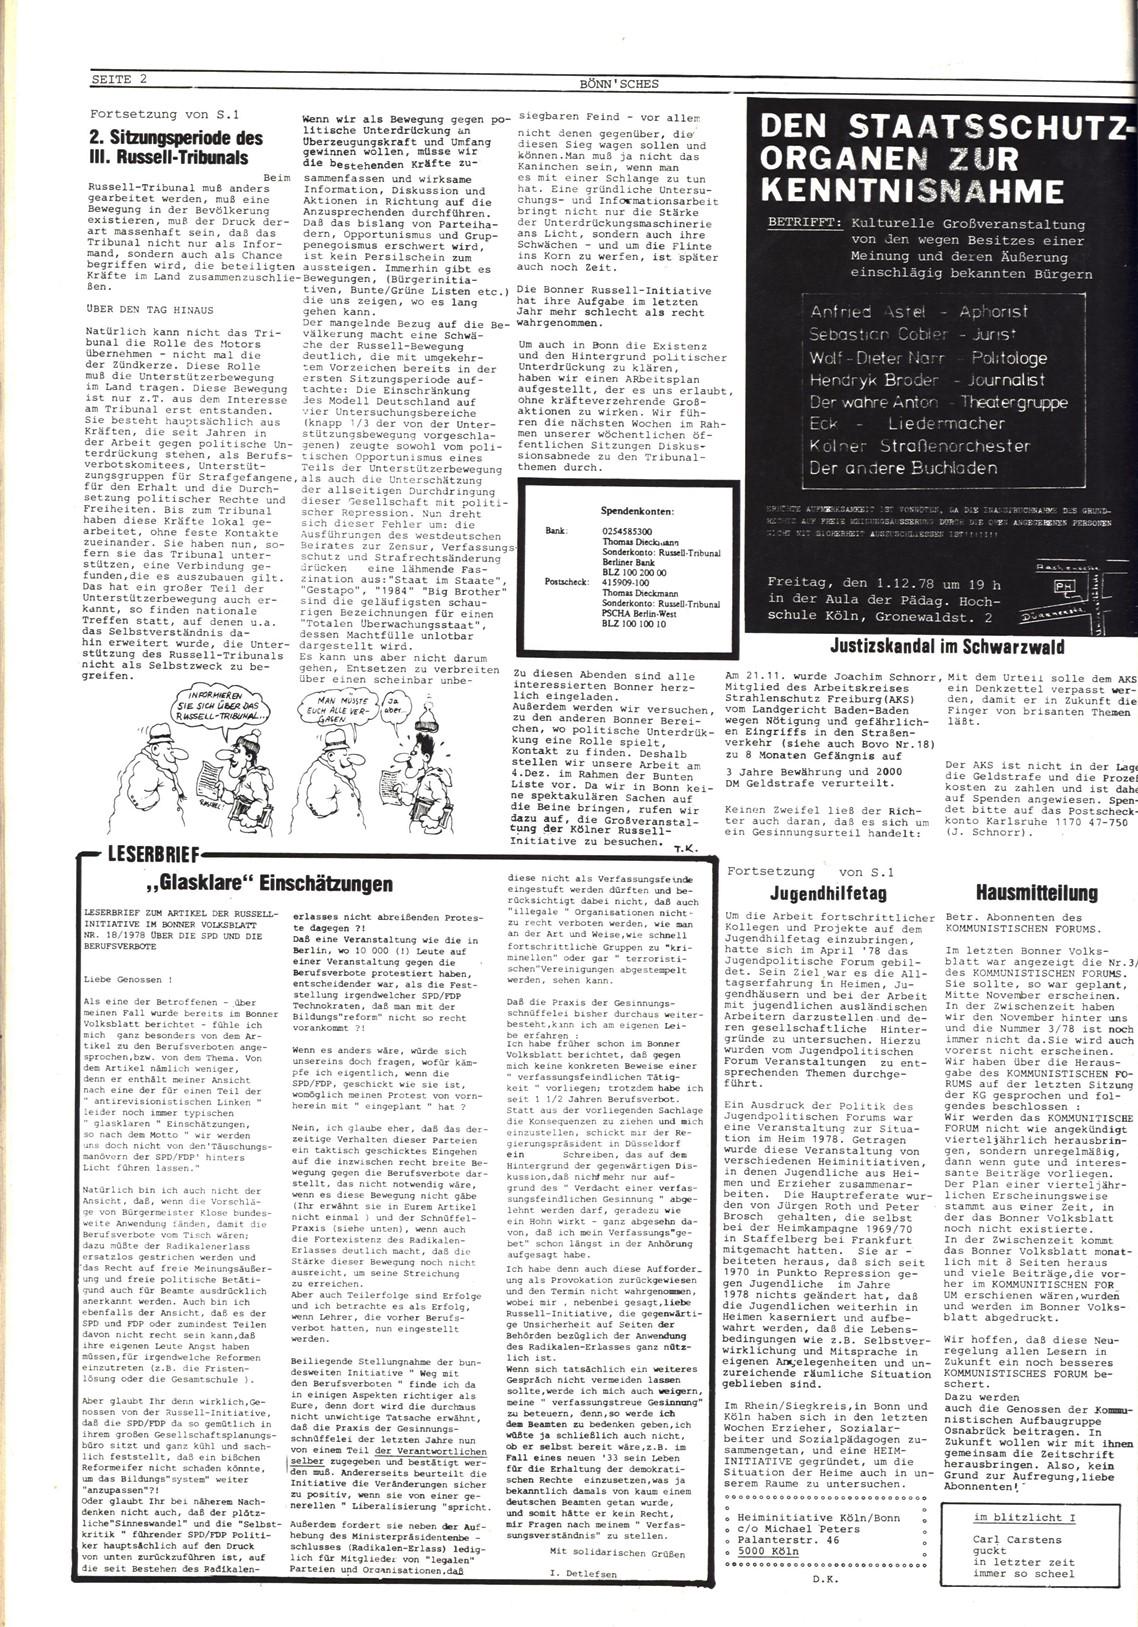 Bonner_Volksblatt_19_19781128_02